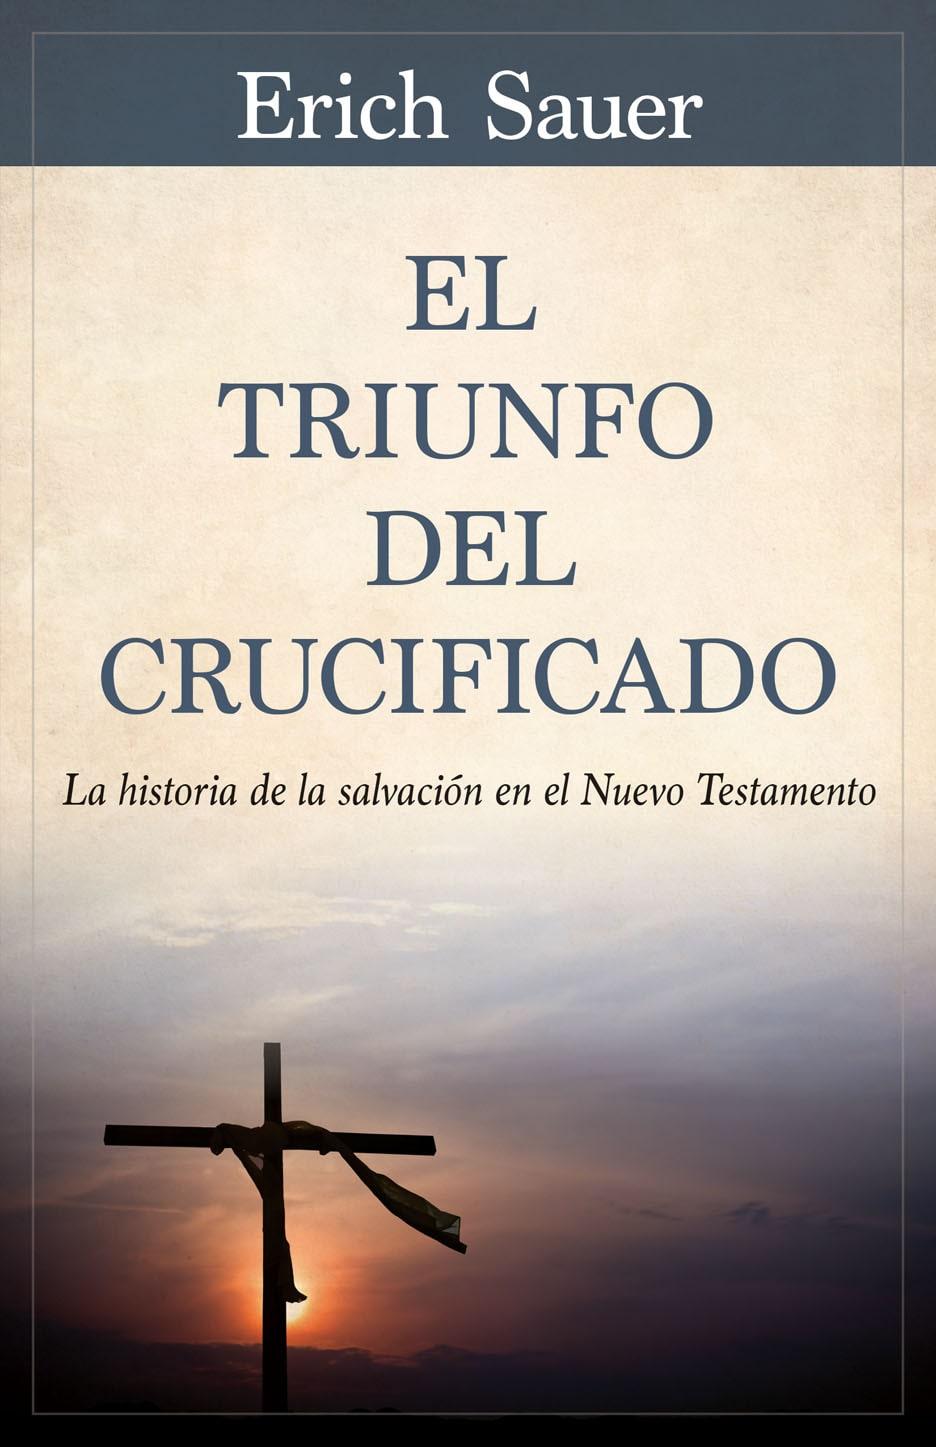 El Triunfo del Crucificado